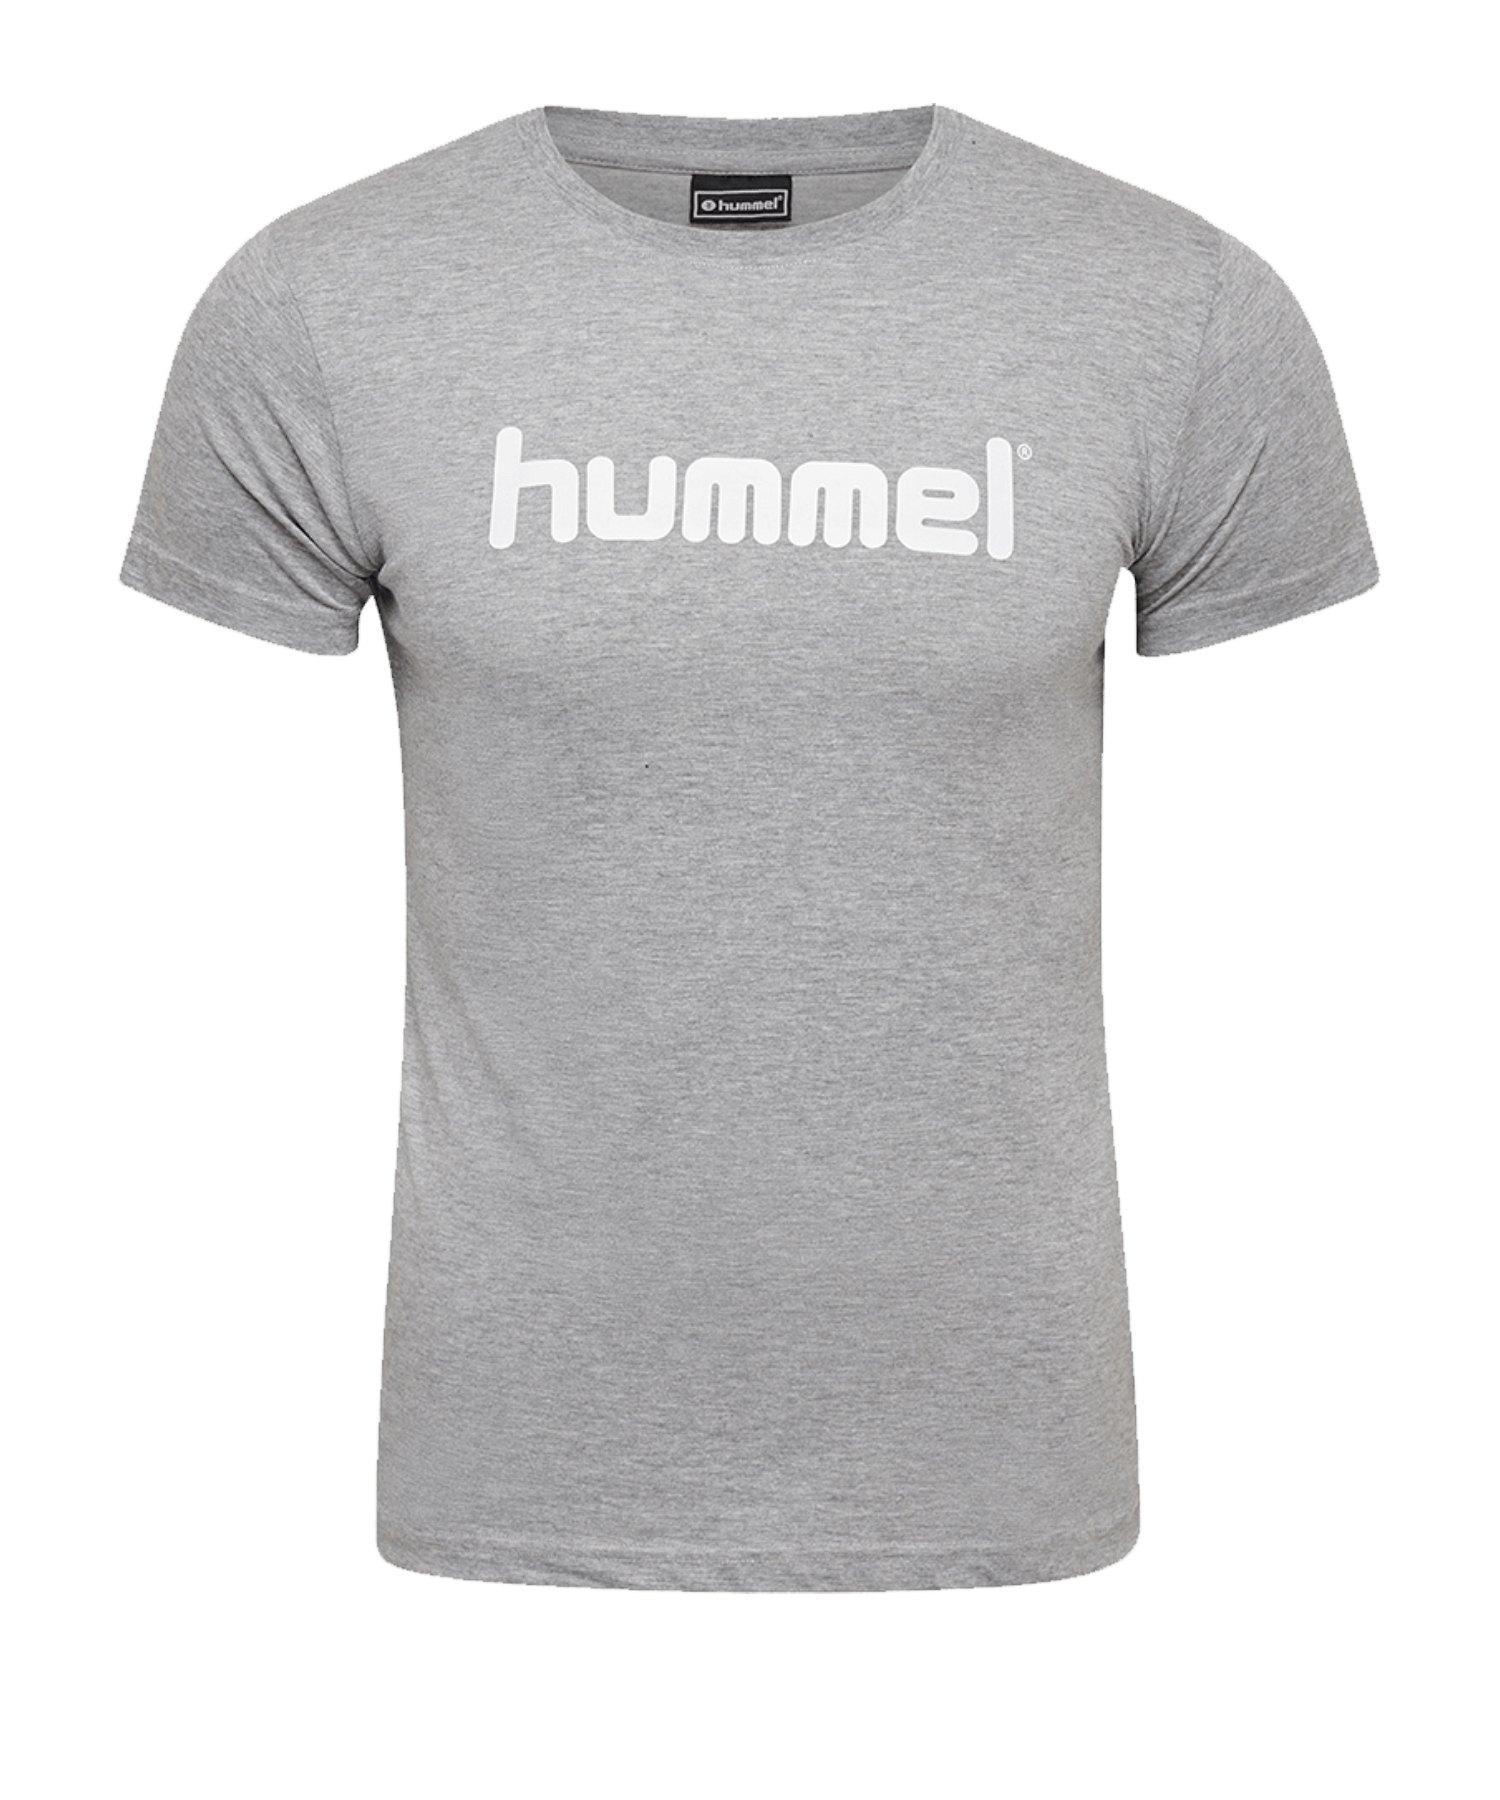 Hummel Cotton T-Shirt Logo Damen Grau F2006 - Grau